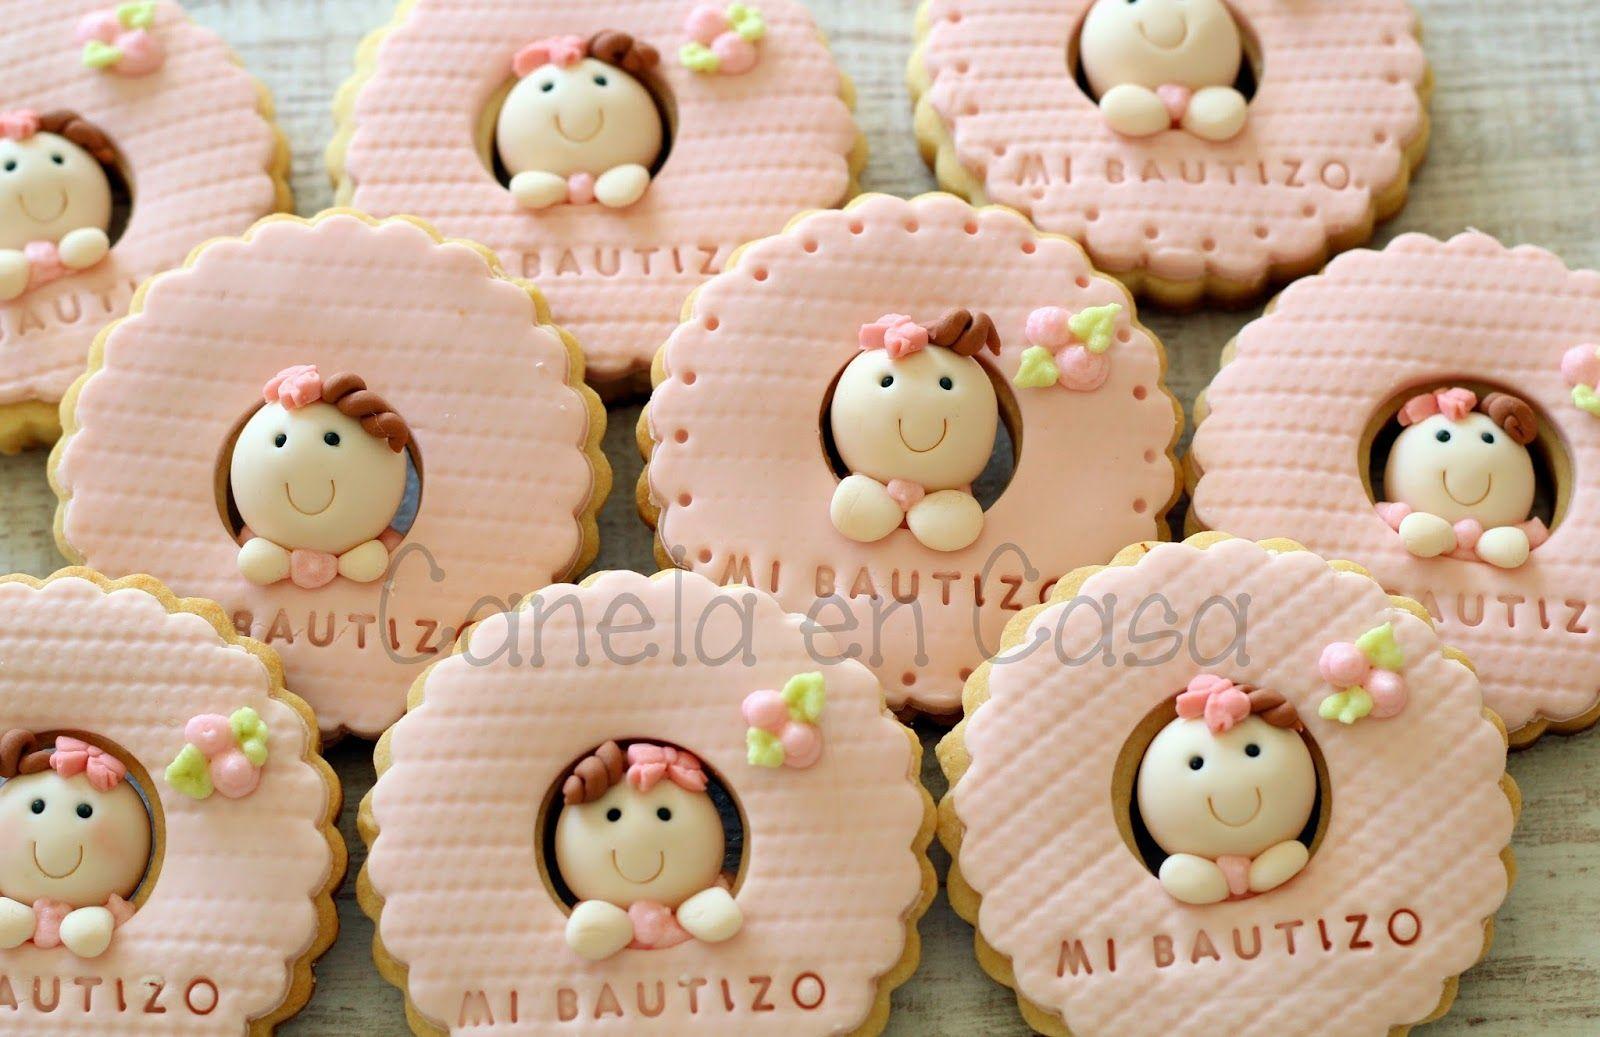 galletas bautizo galletas bautizo nia galletas bebs galletas bautizo galletas bautizo para pedidos pueden escribi pinterest gau